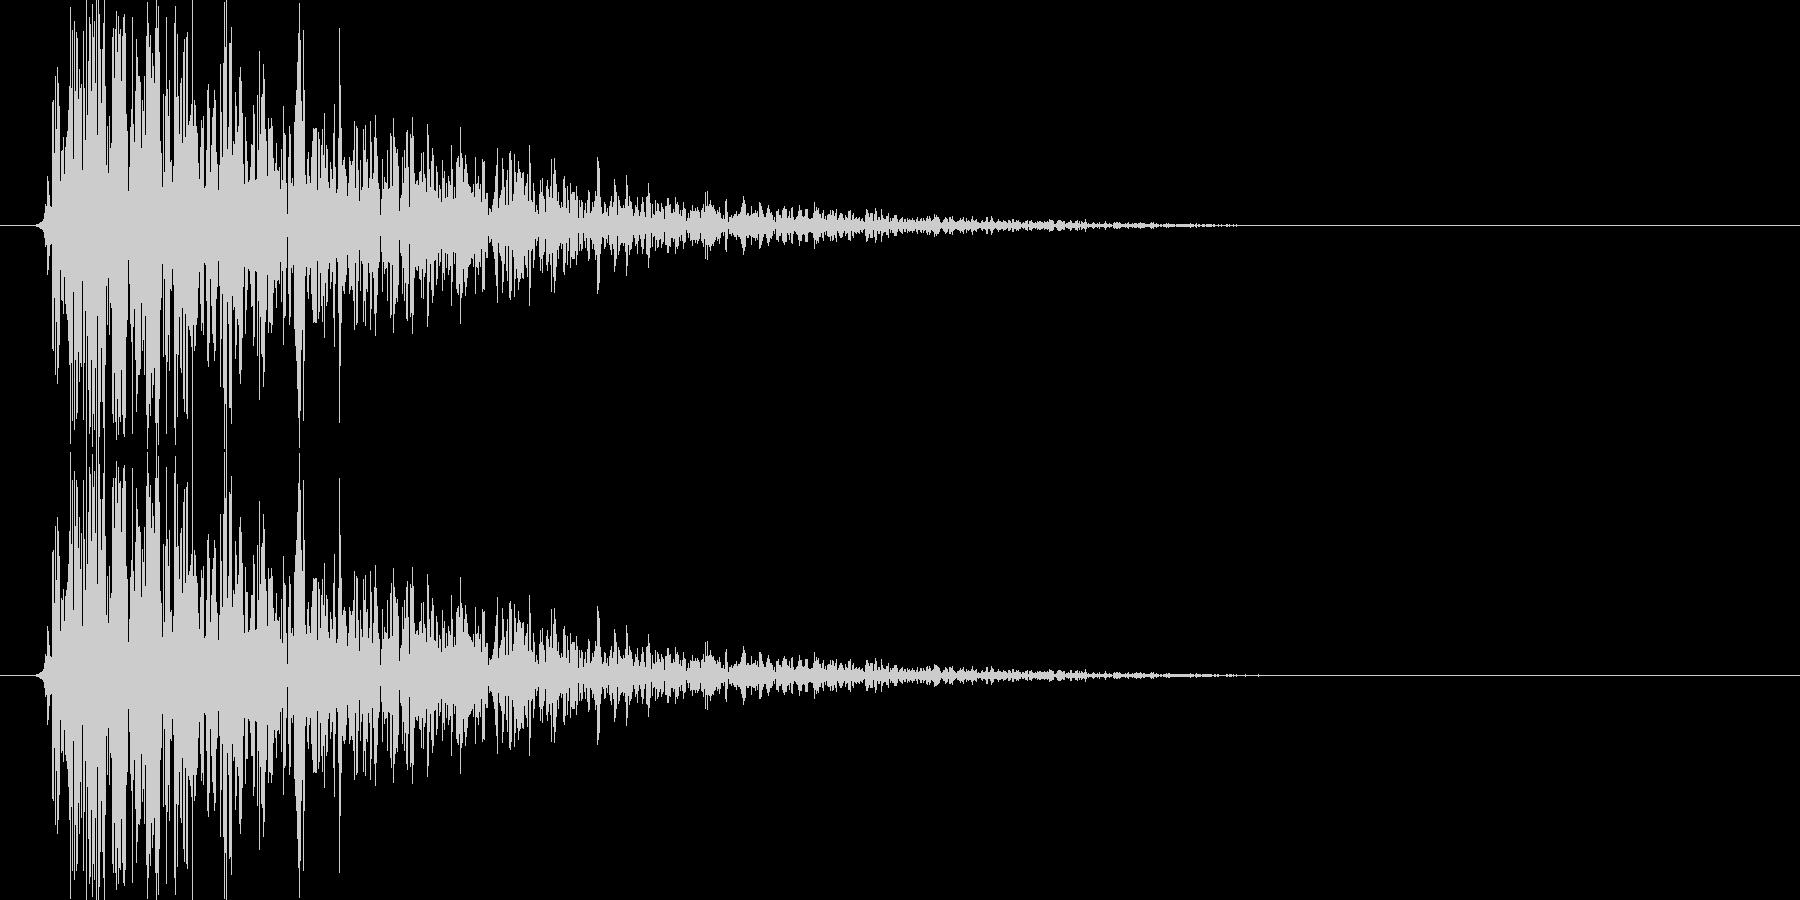 ボウーッ↑(火器攻撃音、シューティング)の未再生の波形